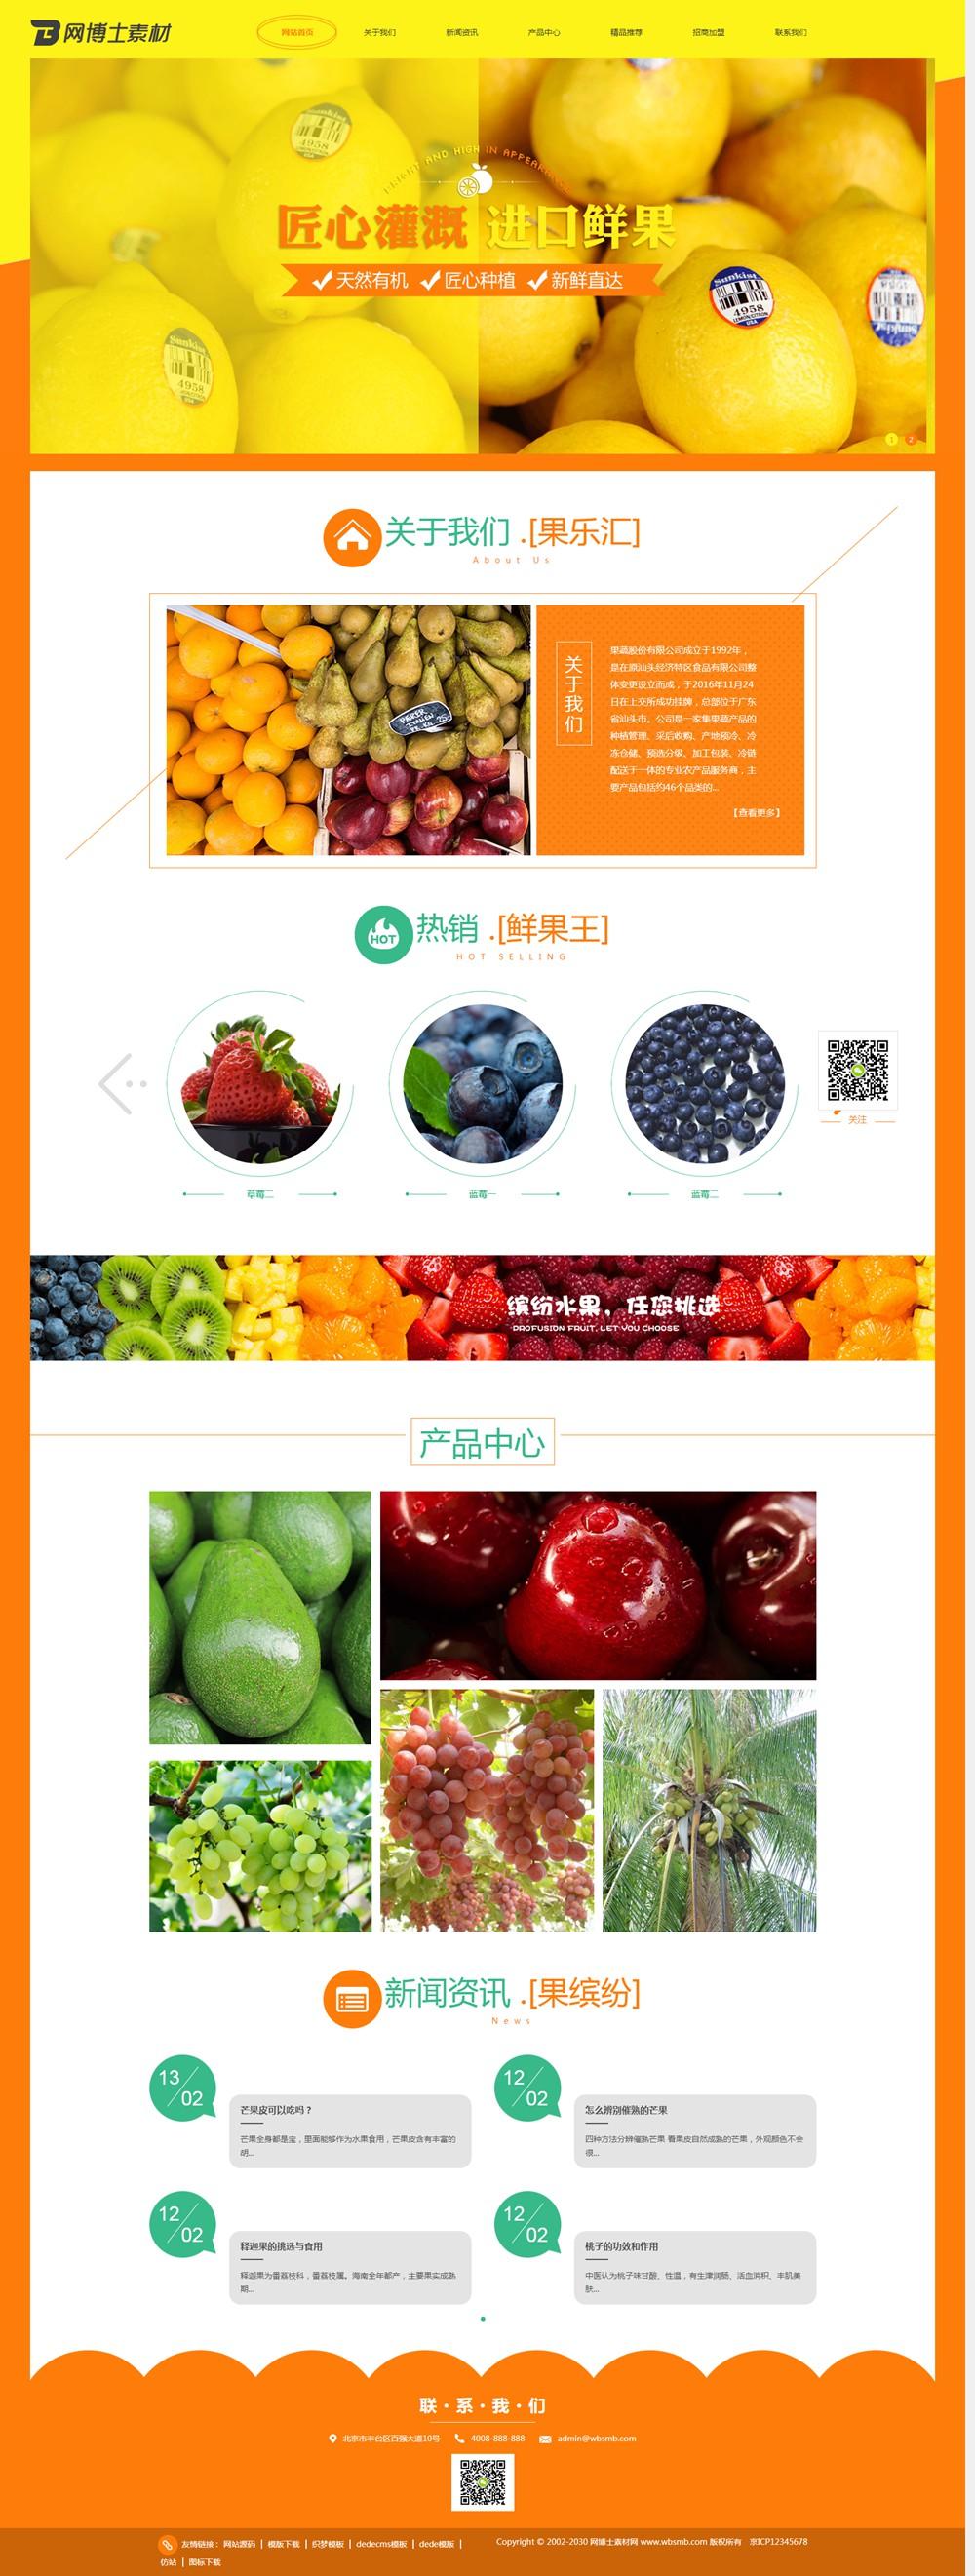 (自适应手机版)响应式蔬菜水果批发类网站织梦模板 HTML5果蔬批发销售网站源码下载